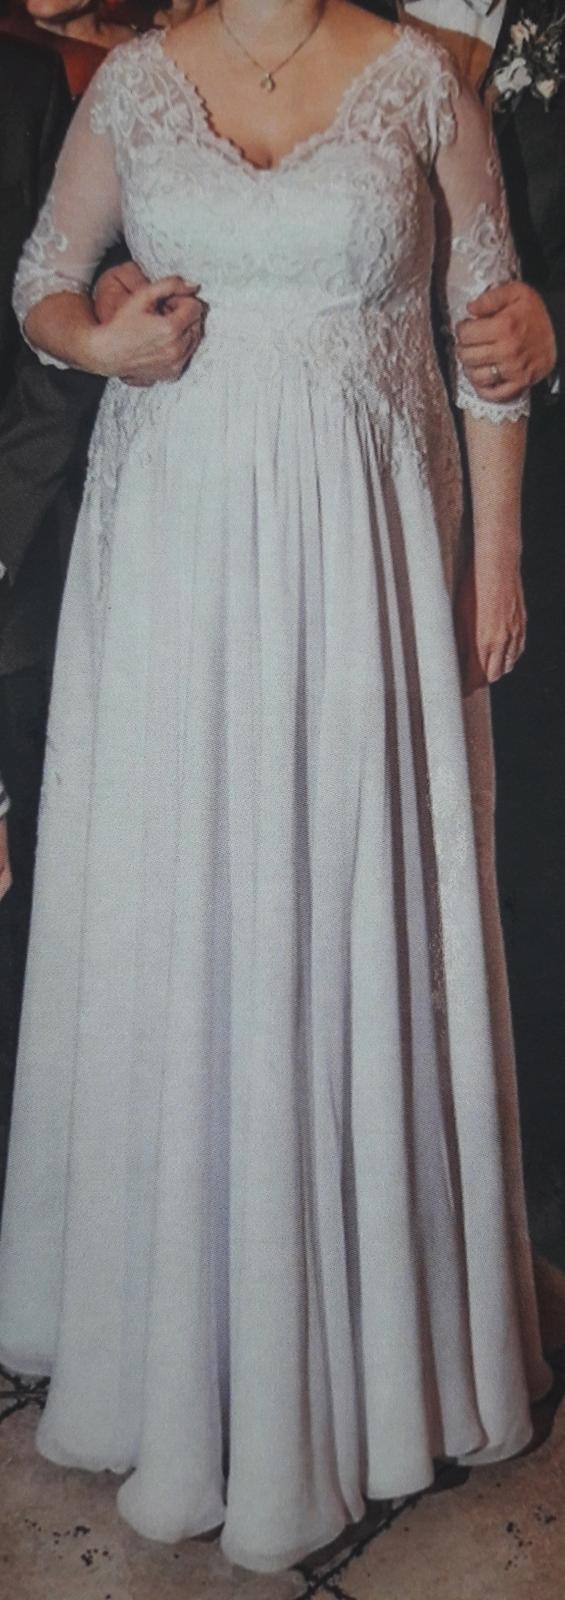 Tehotenské svadobné šaty 44/46 - Obrázok č. 1